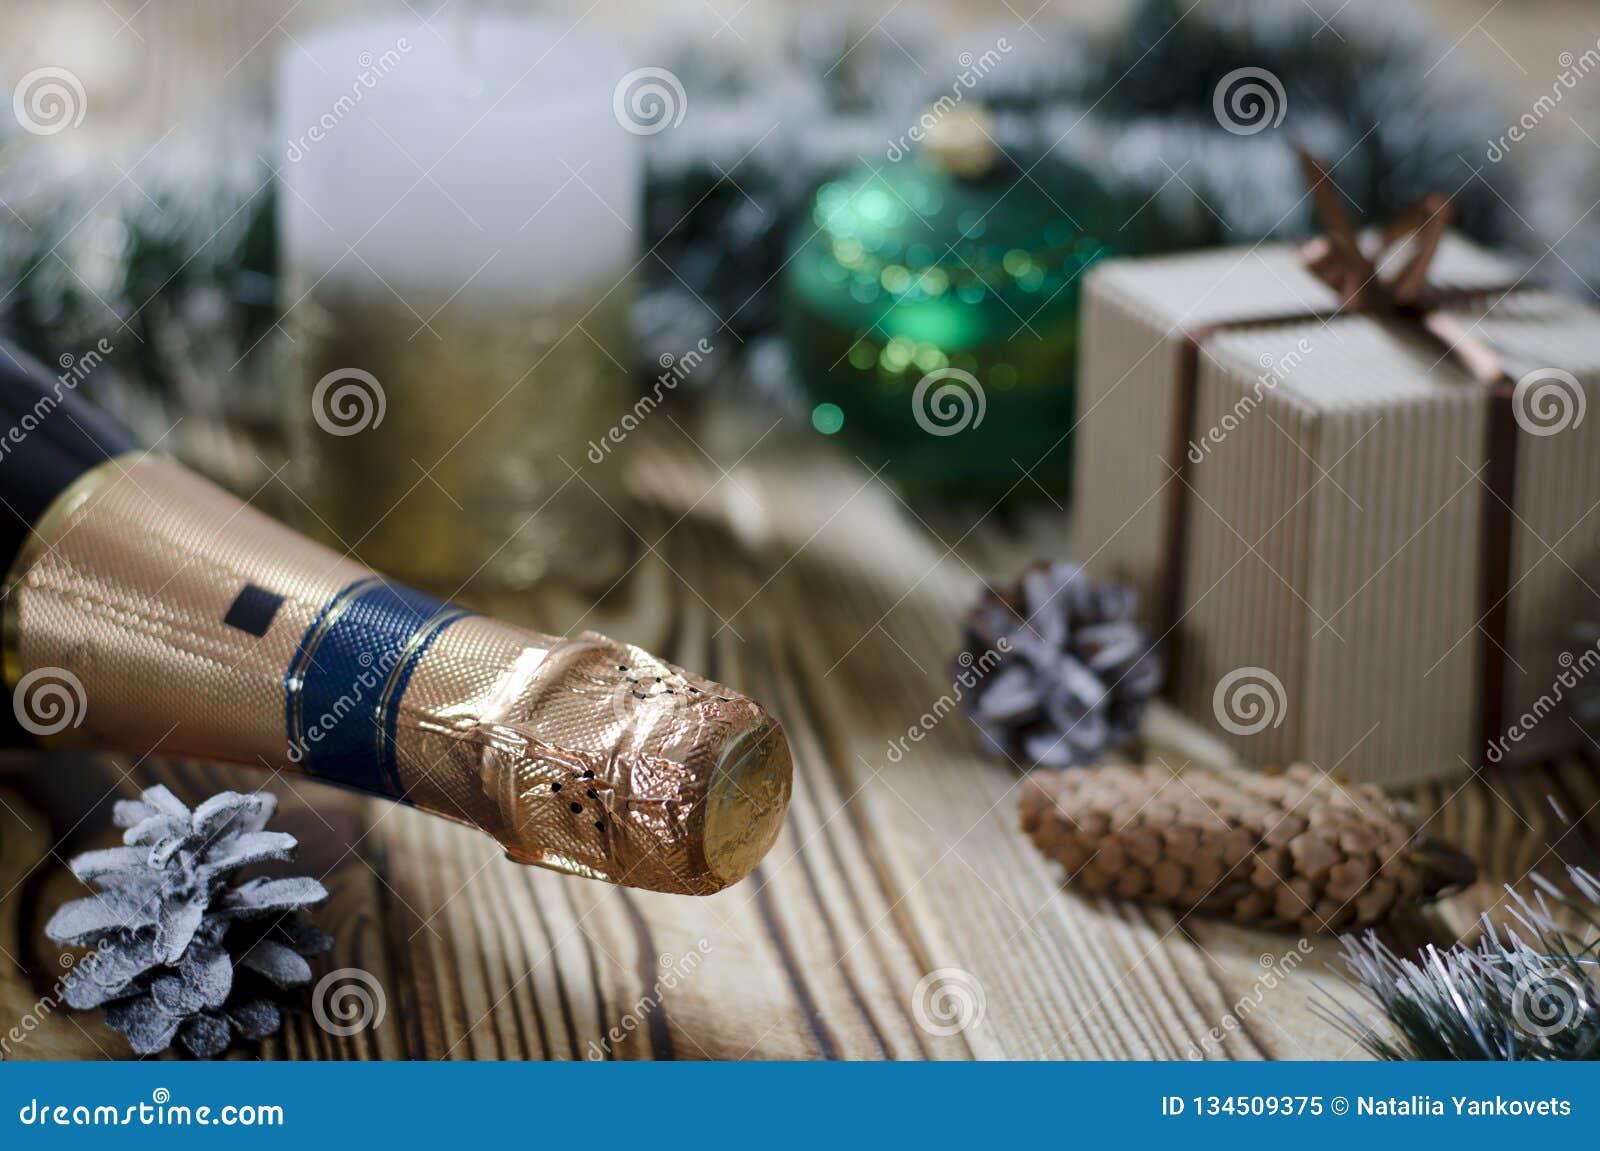 Ένα δώρο βάζει σε έναν ξύλινο πίνακα δίπλα σε ένα κερί, τους κώνους και έναν άγγελο στα πλαίσια των διακοσμήσεων Χριστουγέννων